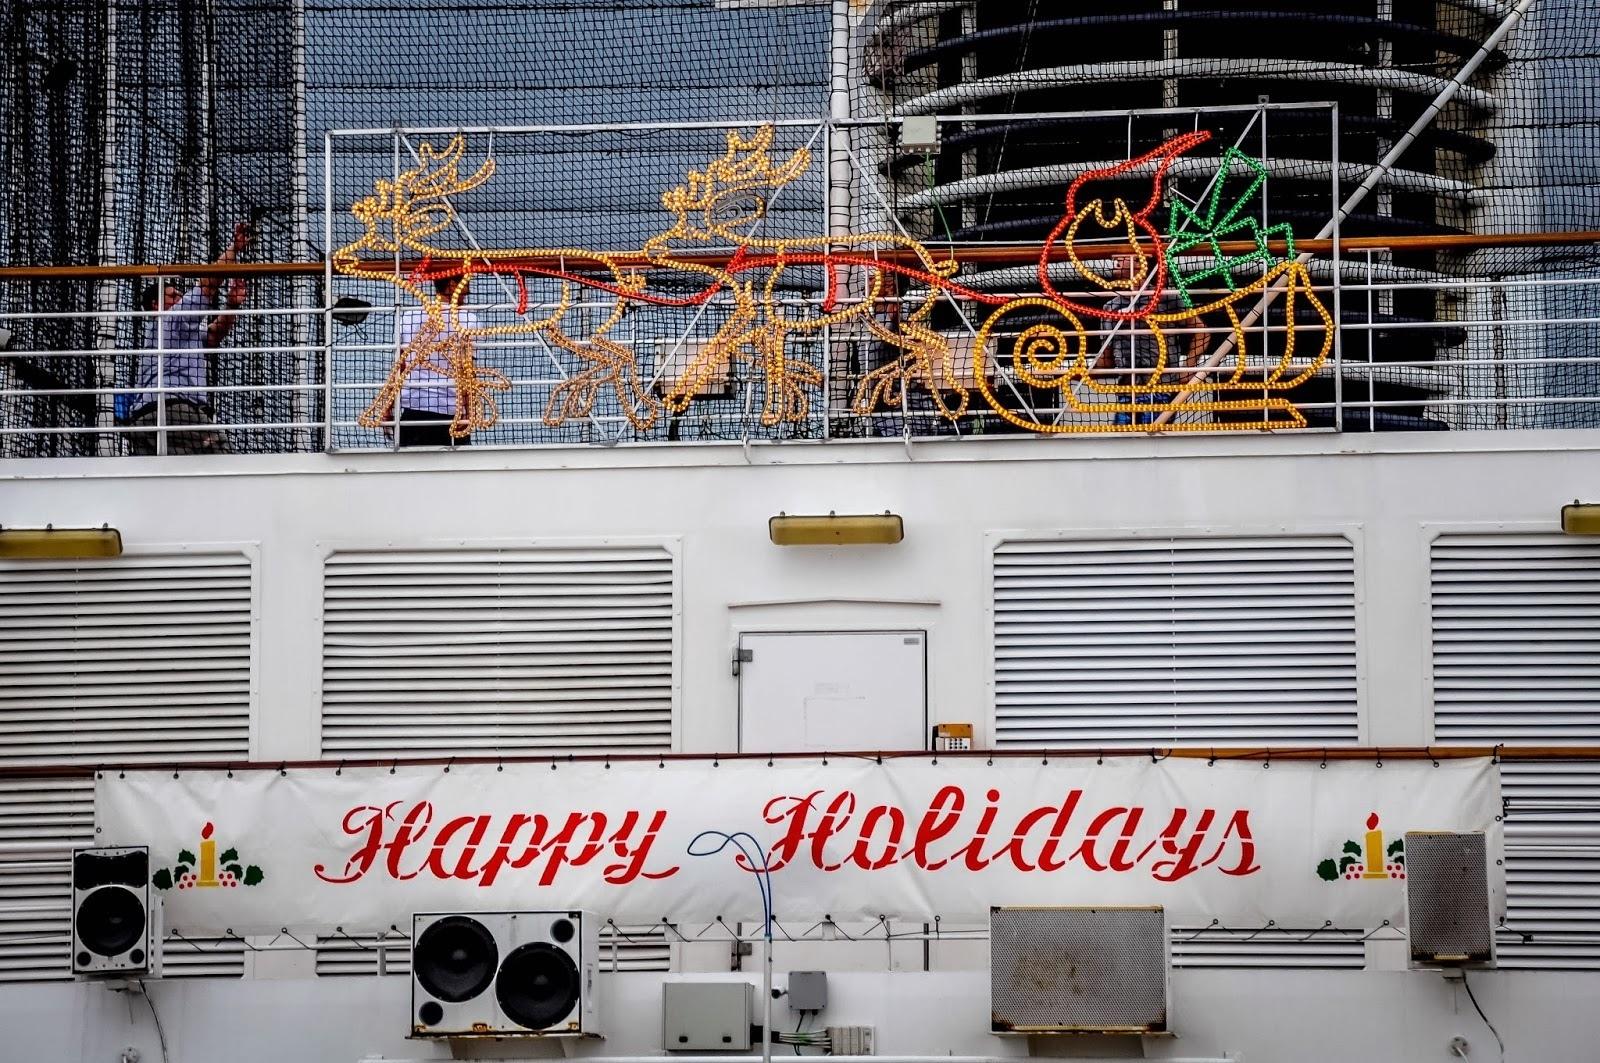 Christmas lights and sign on cruise ship